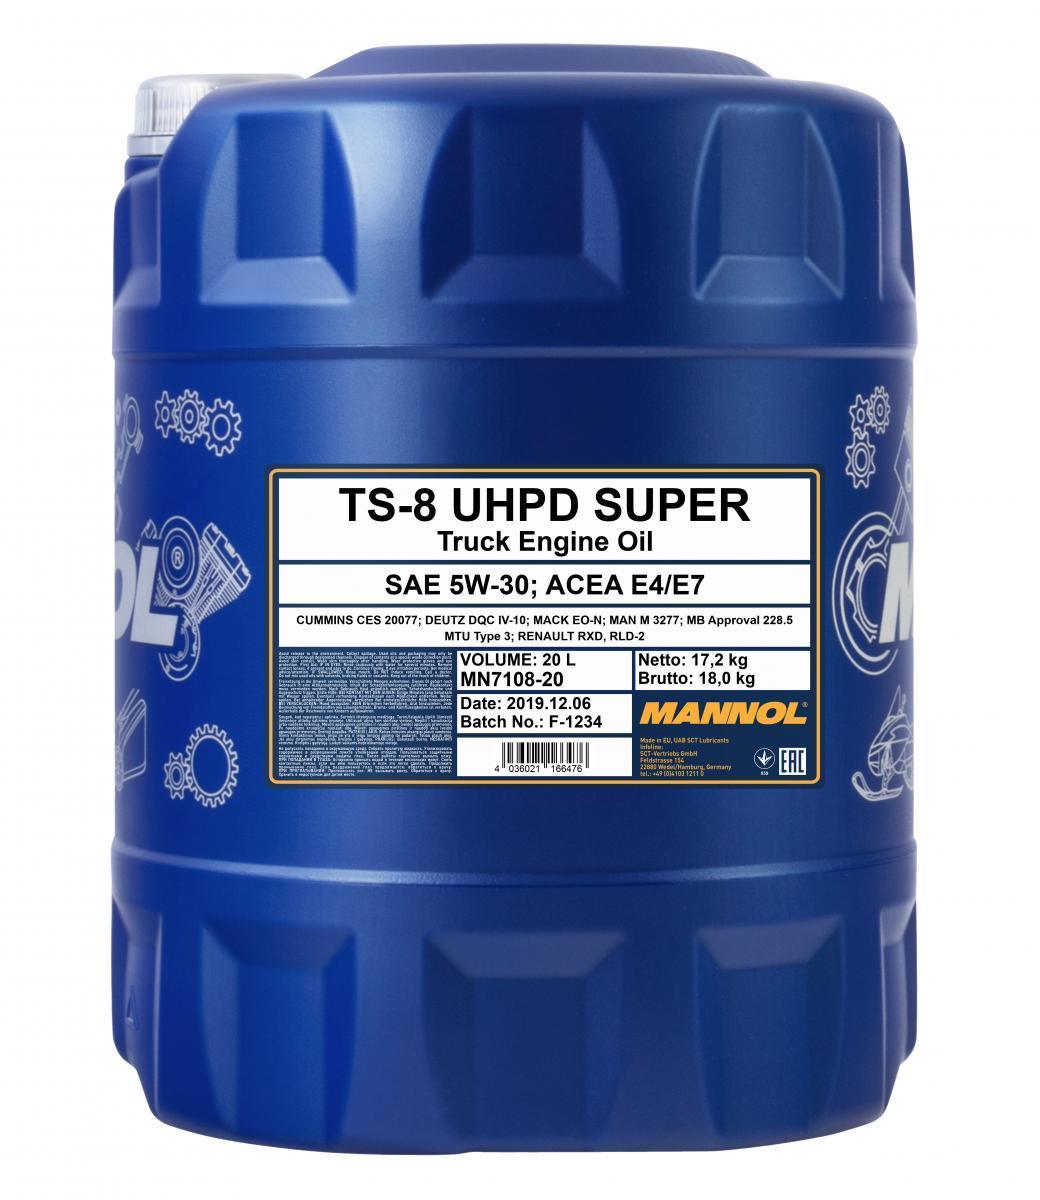 MN7108-20 MANNOL TS-8, UHPD Super 5W-30, 20l Motoröl MN7108-20 günstig kaufen